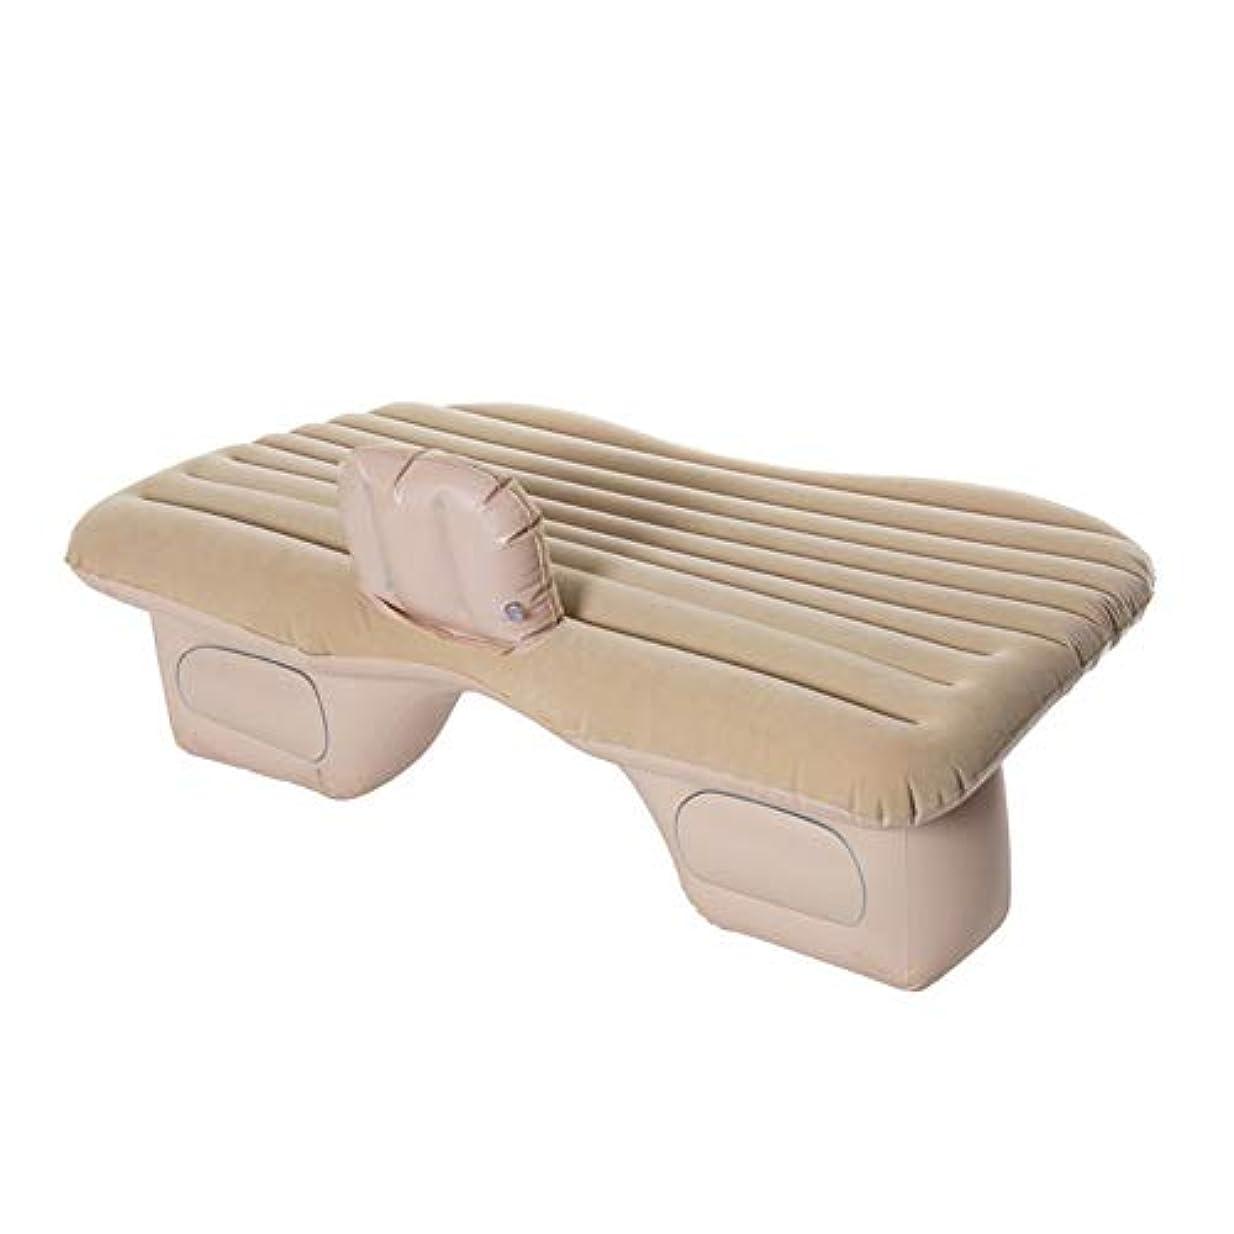 弁護チャレンジ作り車の膨脹可能なベッド、厚く柔らかい群がる材料から成っていることおよびきれいになること容易の携帯用エアマットレスは、ほとんどのモデルに合います